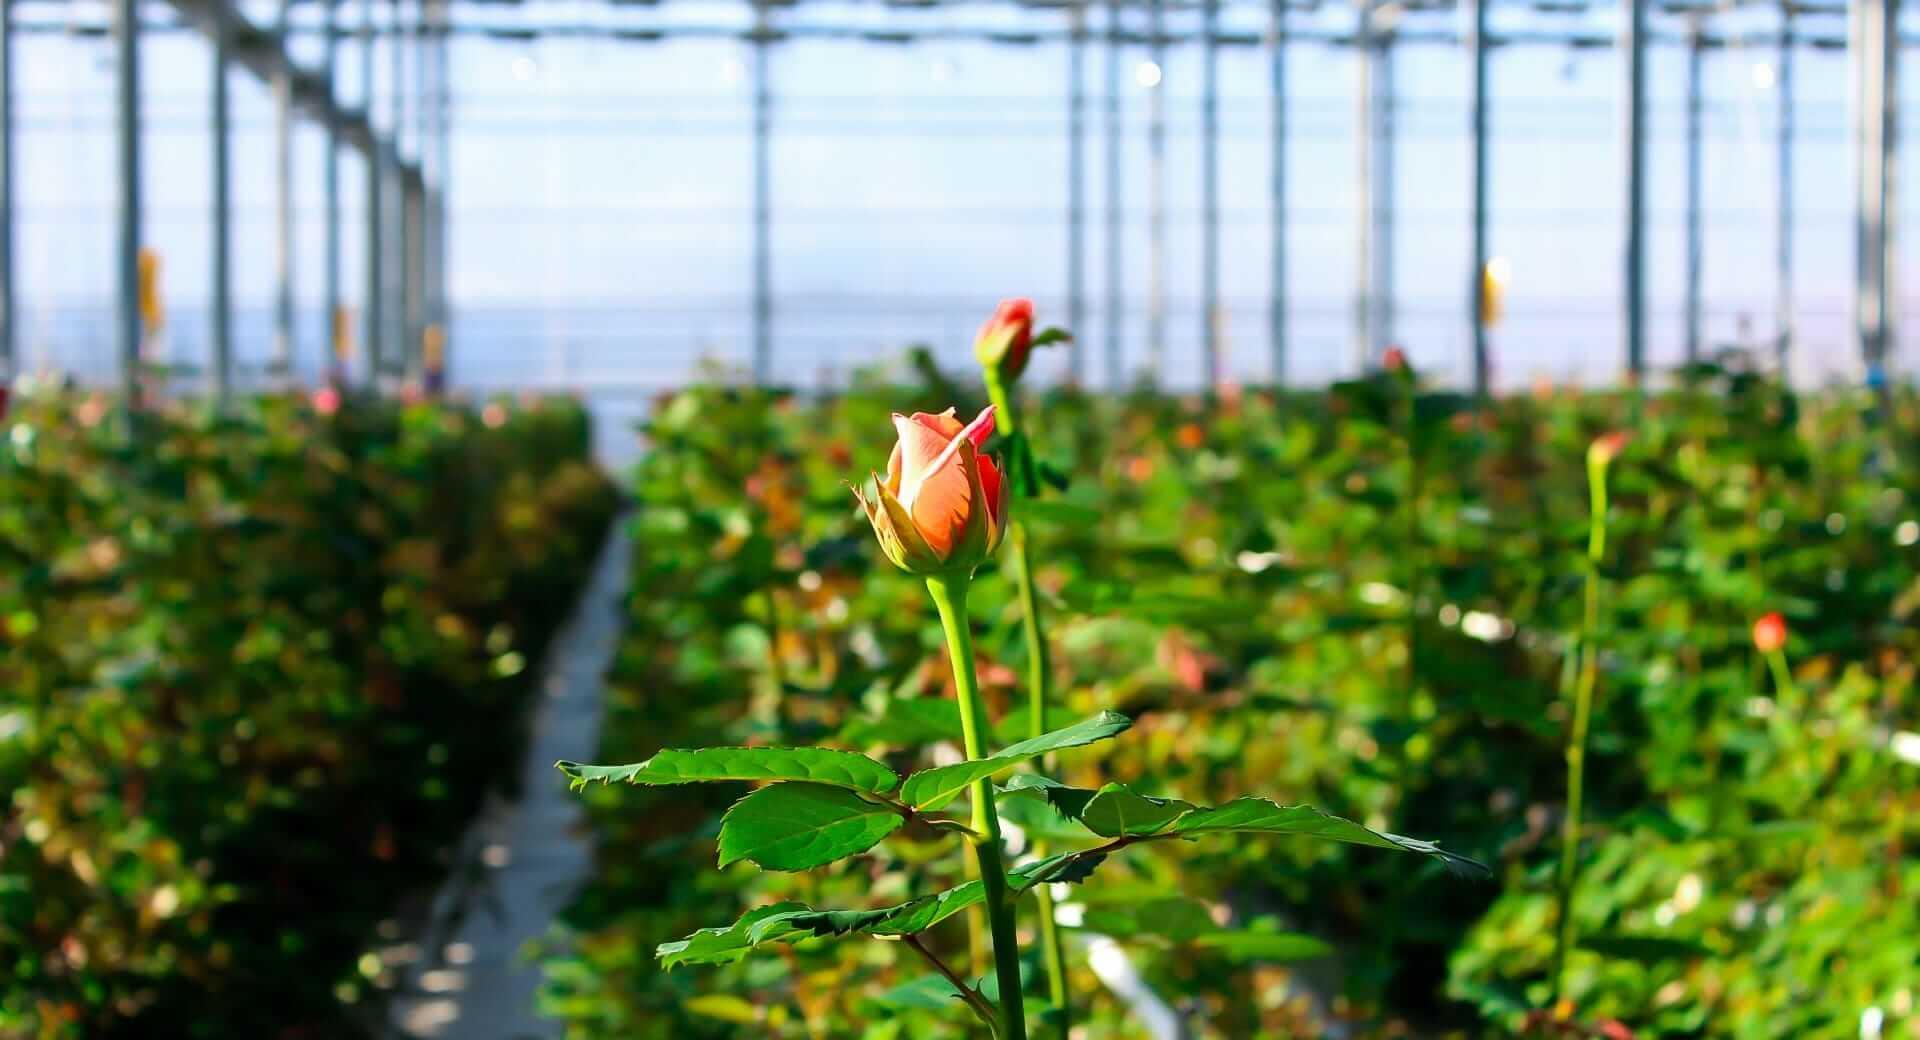 Выращивание роз в теплице круглый год: как допиться высокой урожайности цветов? русский фермер